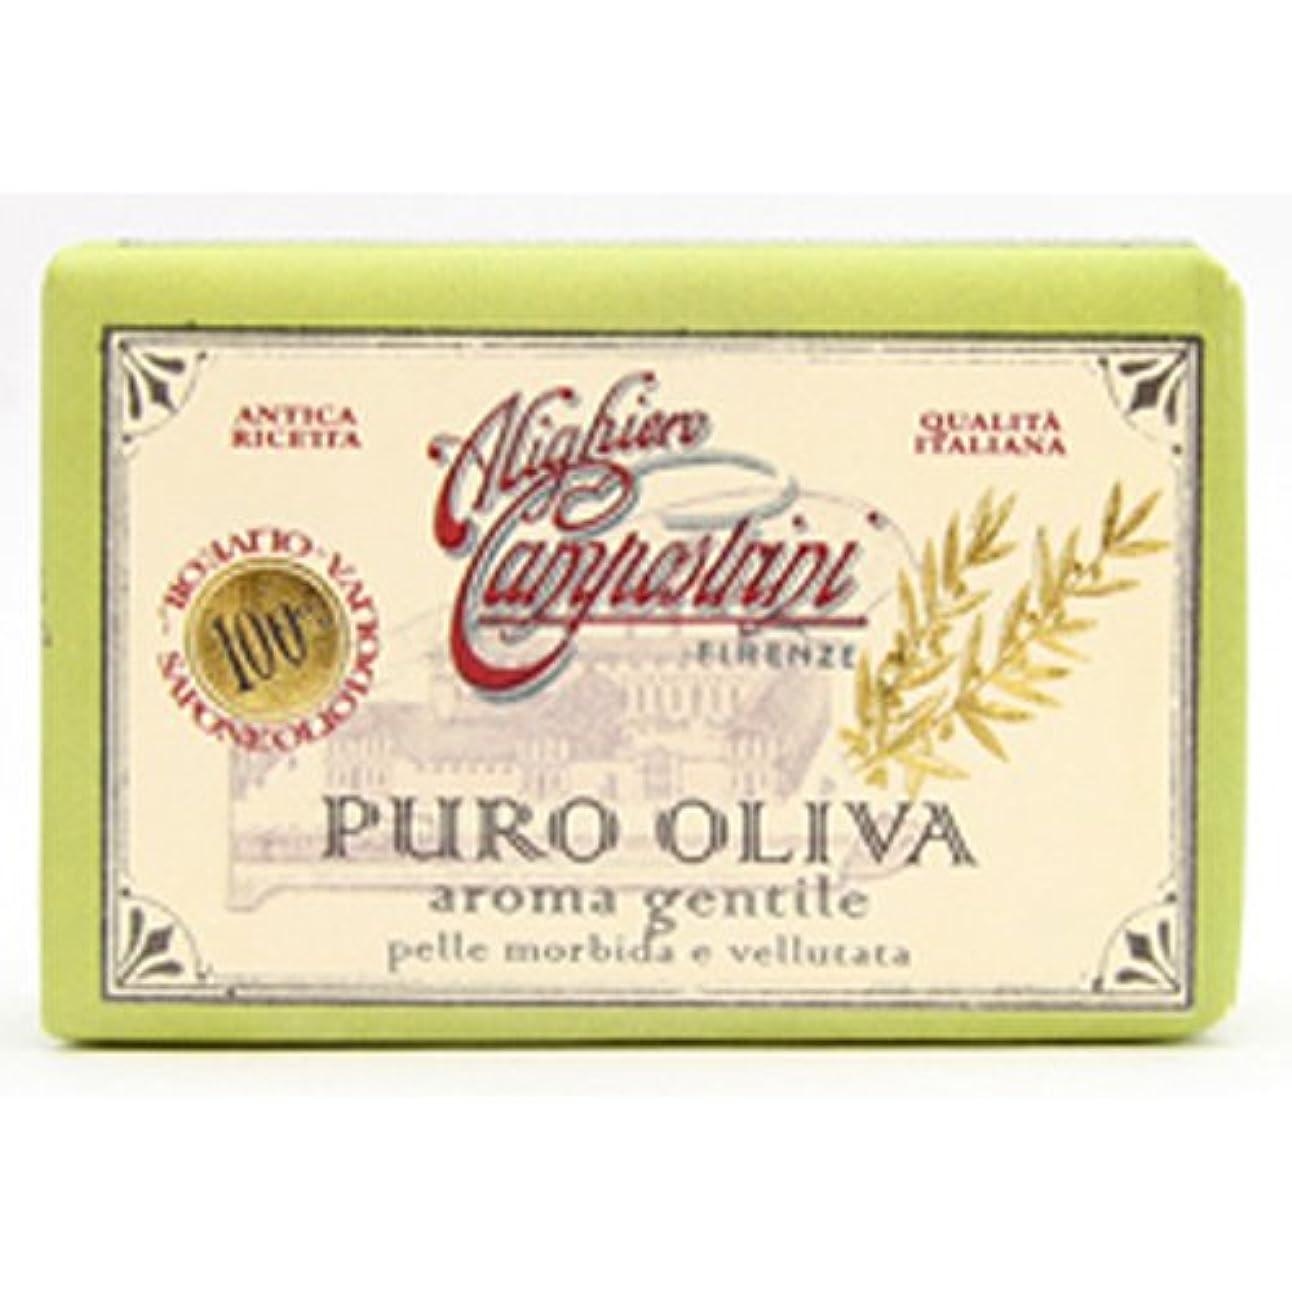 Saponerire Fissi サポネリーフィッシー PURO OLIVA Soap オリーブオイル ピュロ ソープ Aroma gentile ジェントル(グリーン)